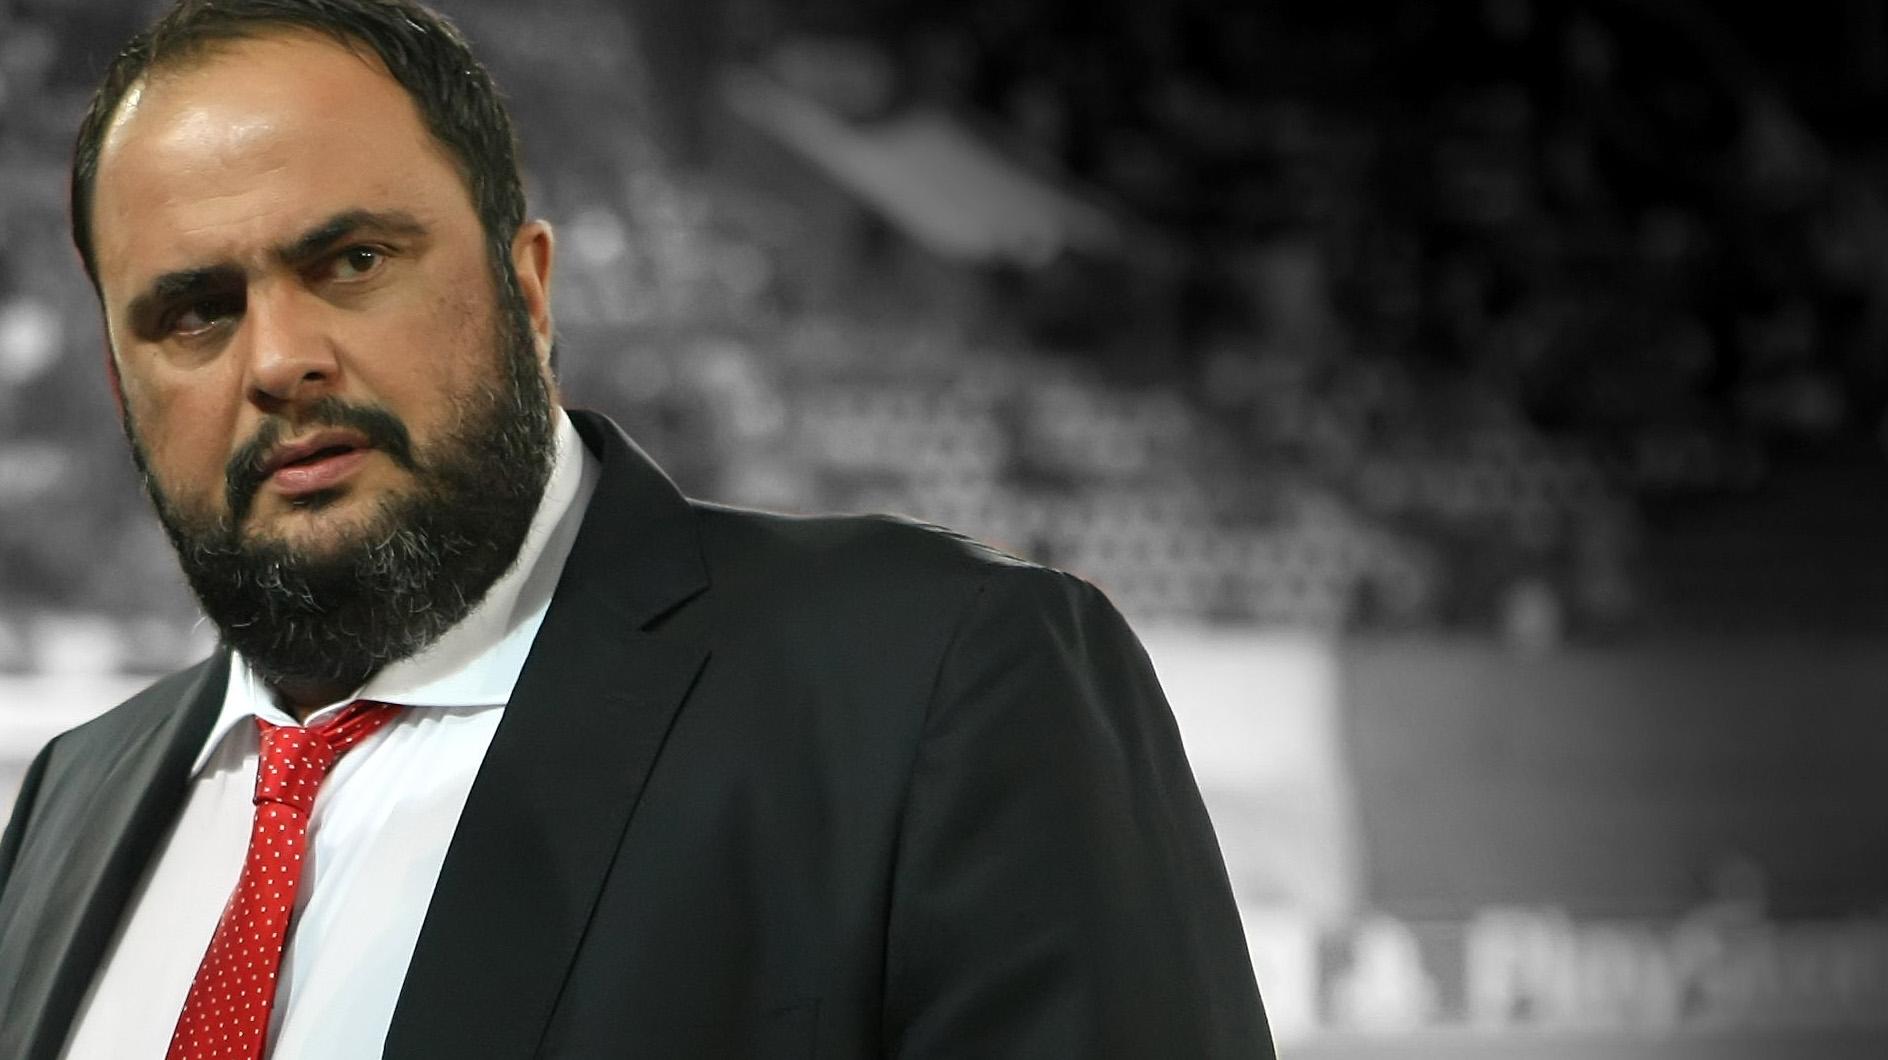 Olympiacos FC president Evangelos Marinakis looks on amid corruption investigation.